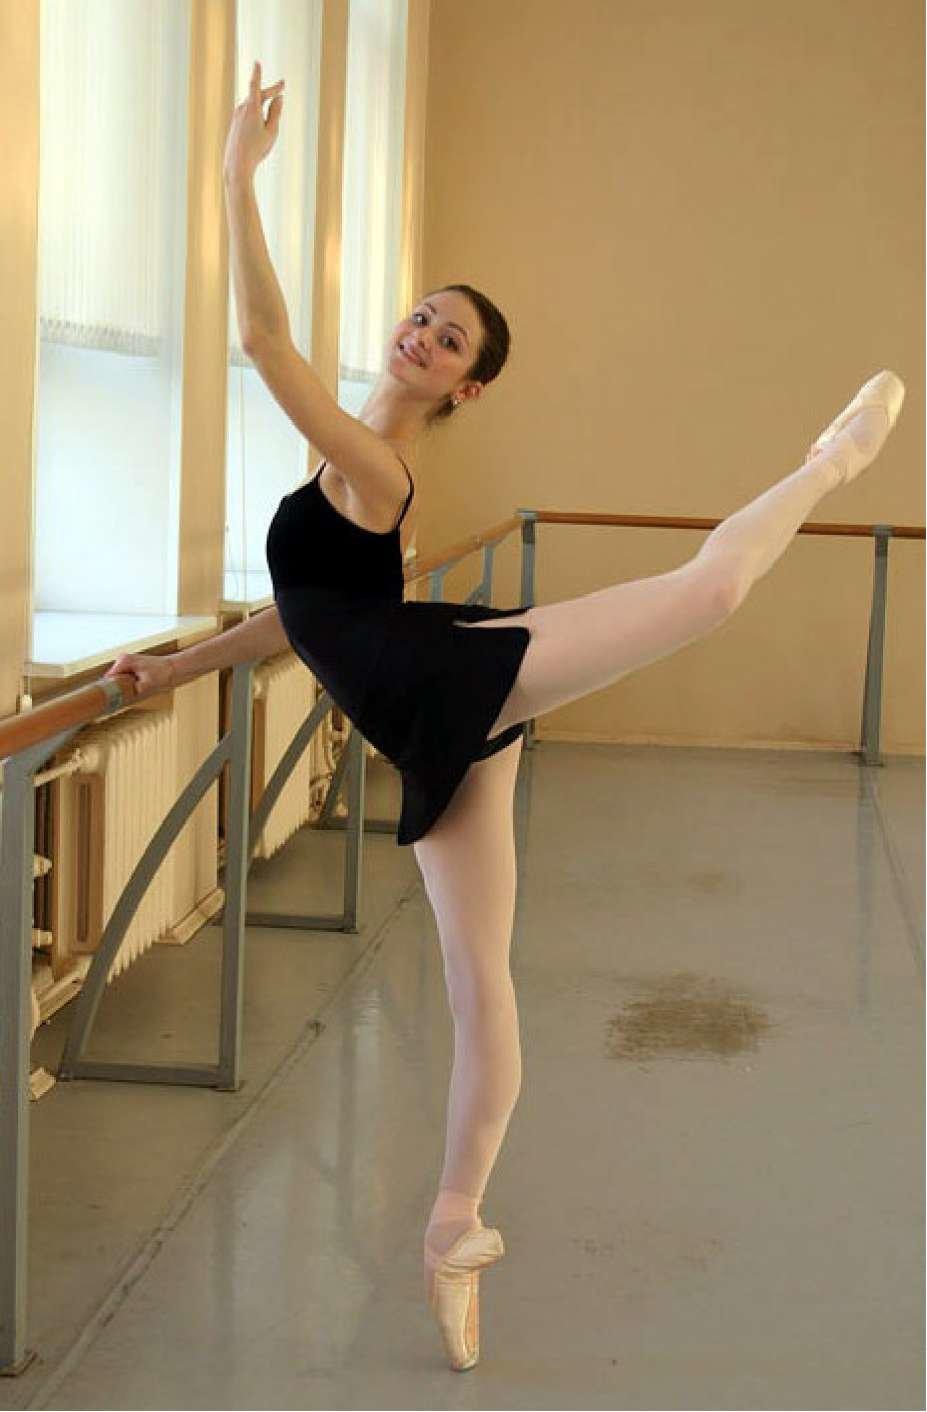 картинки с упражнениями в балете приняла решение продолжить